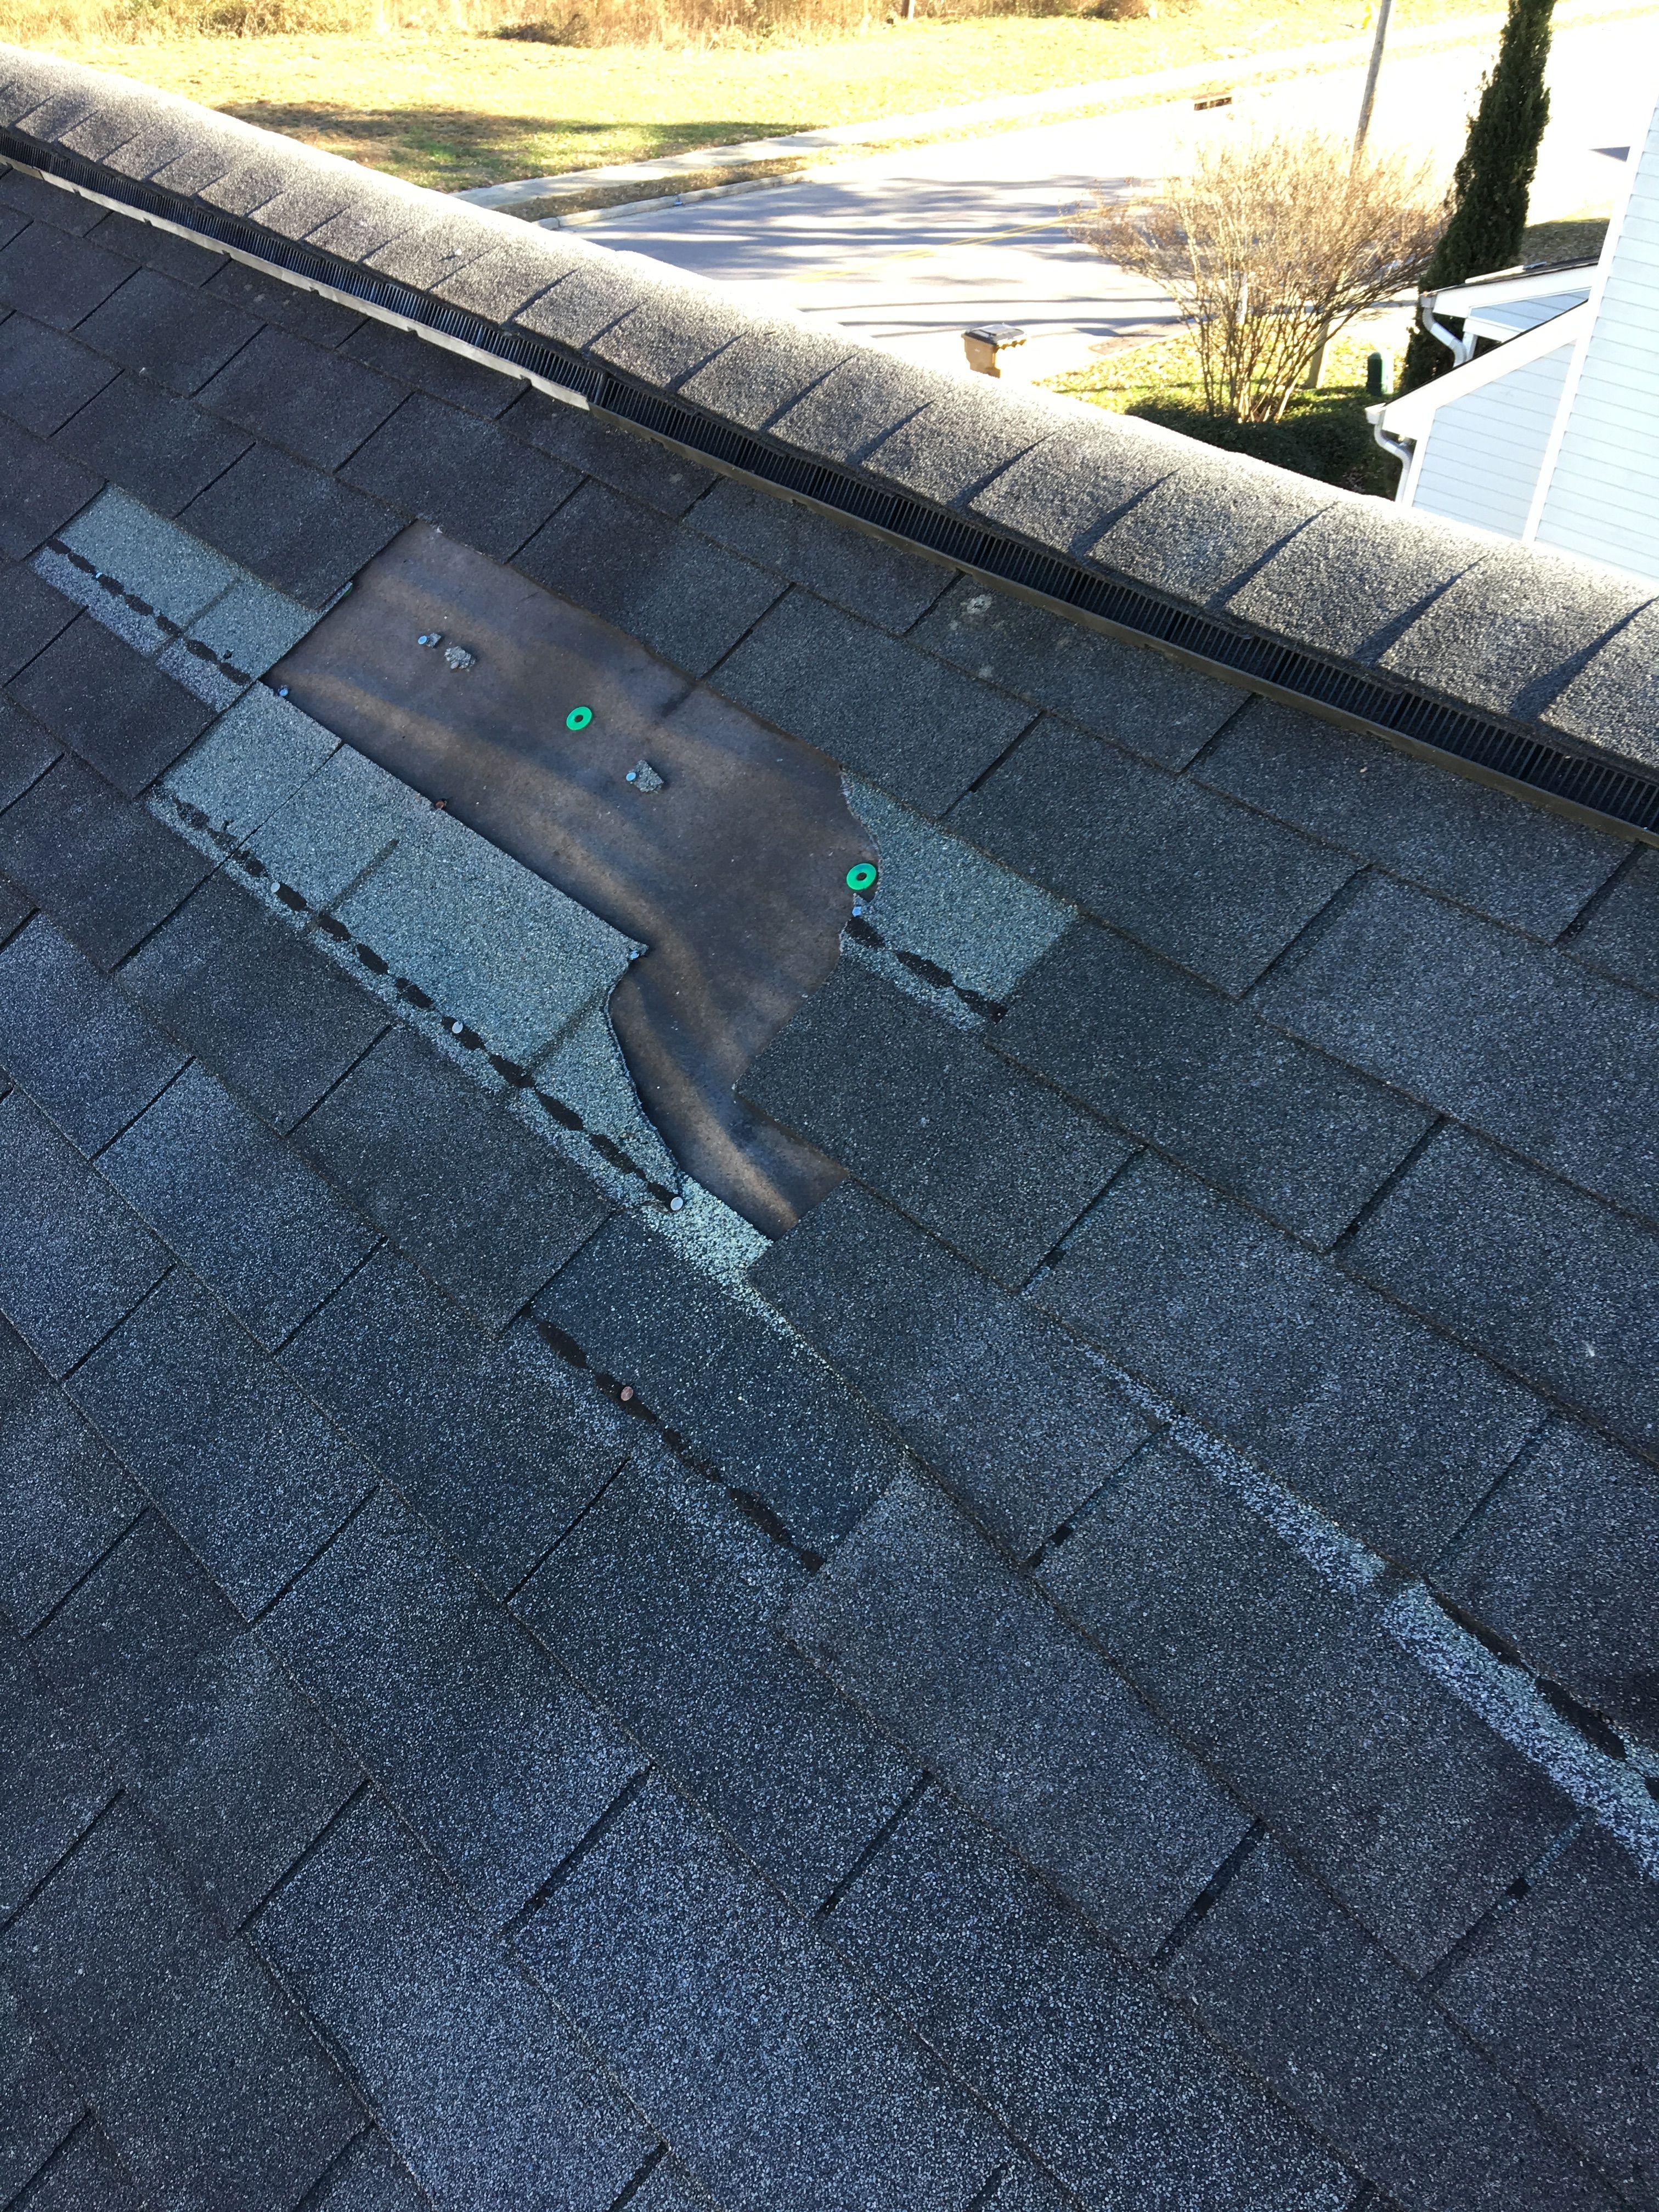 Home Roof Repair Window Repair Roof